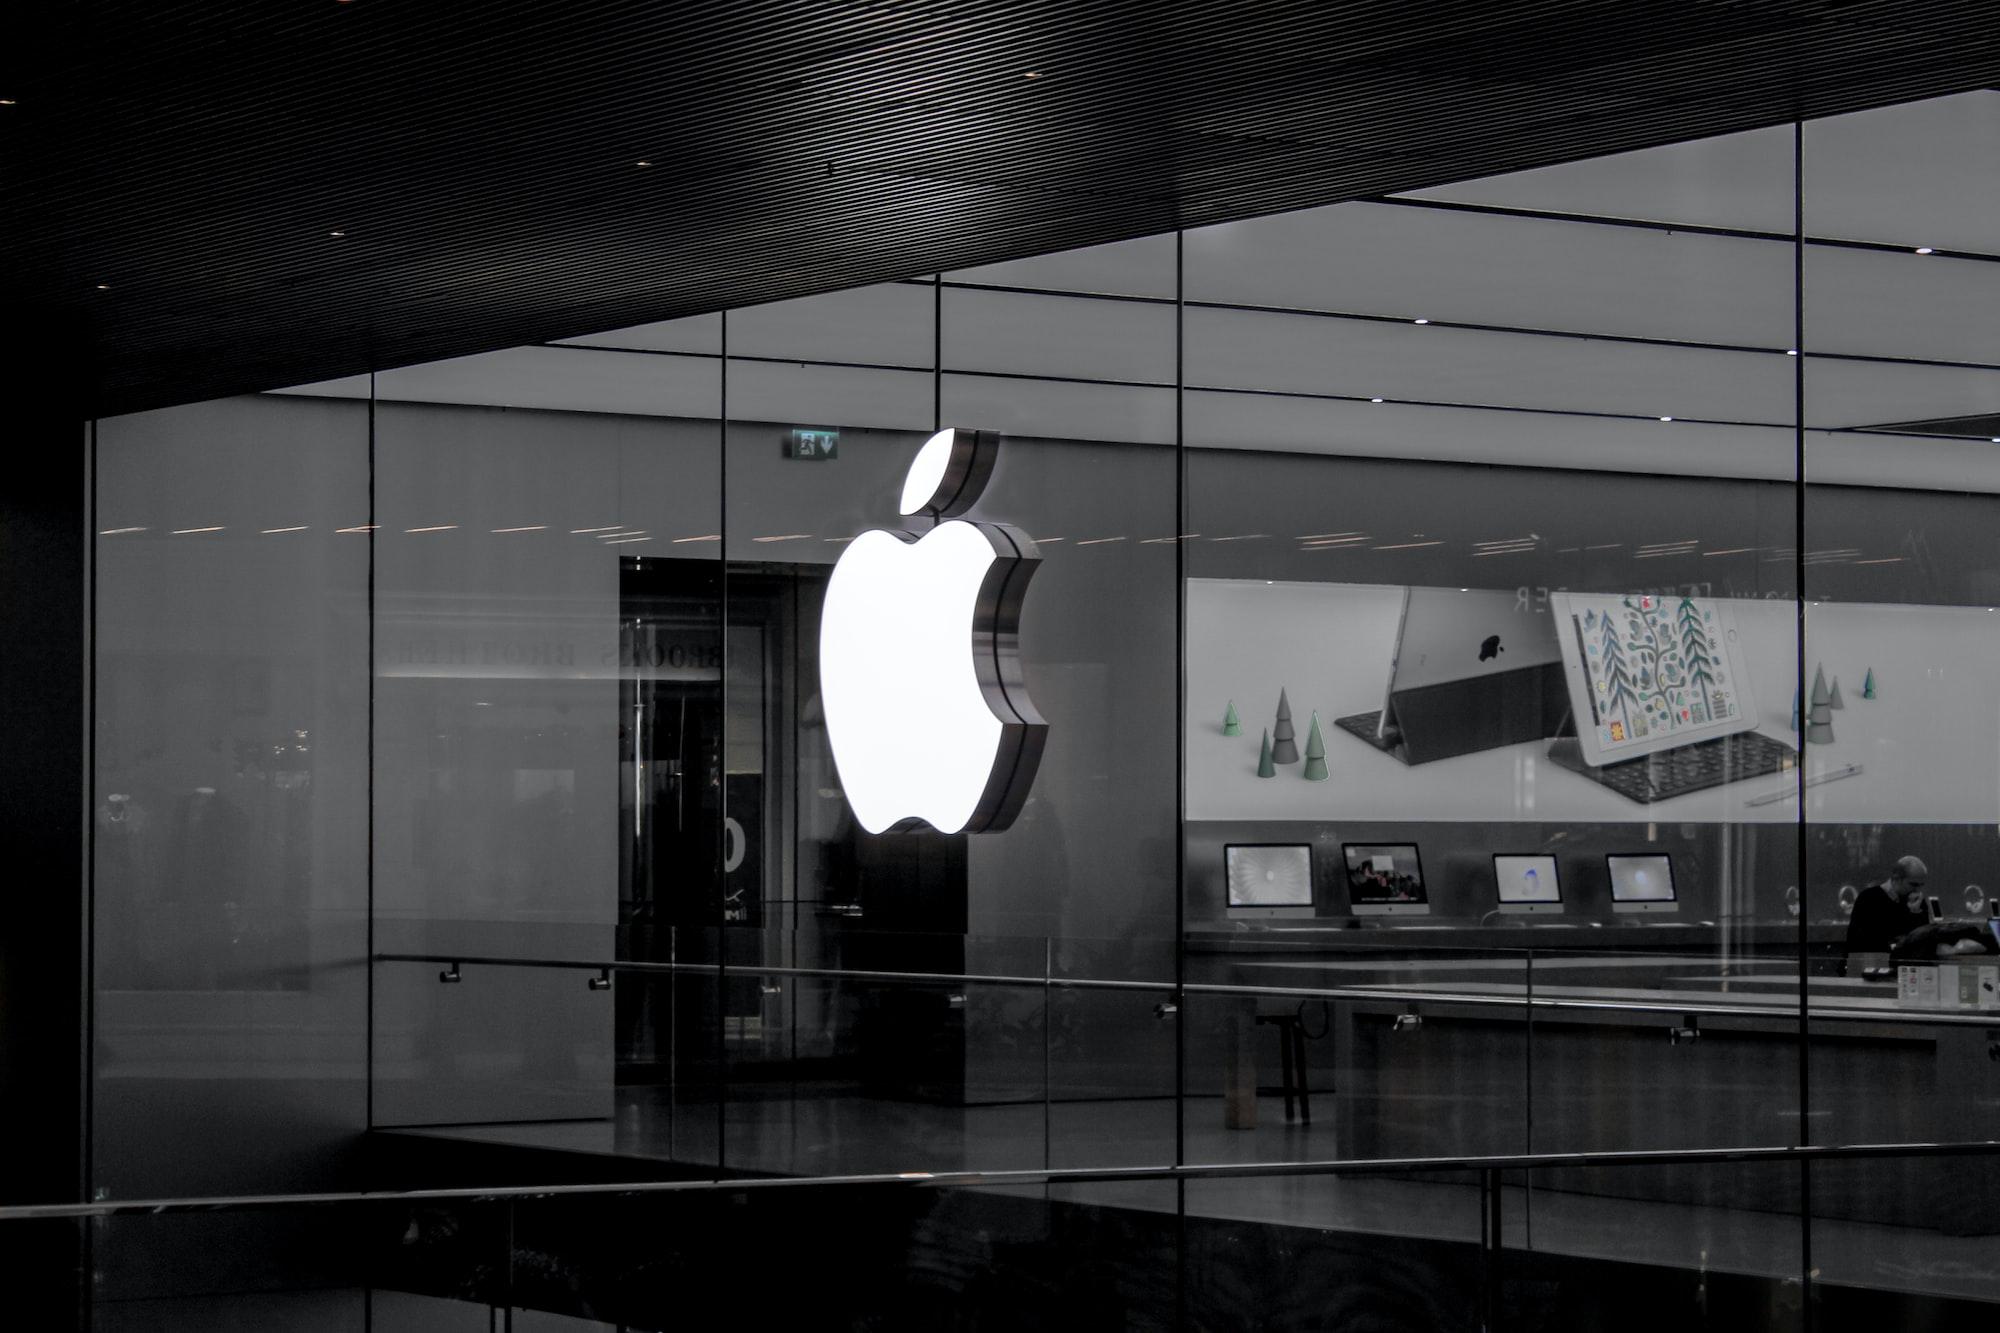 Антимонопольное законодательство США запретит Apple предустанавливать собственные приложения на iPhone